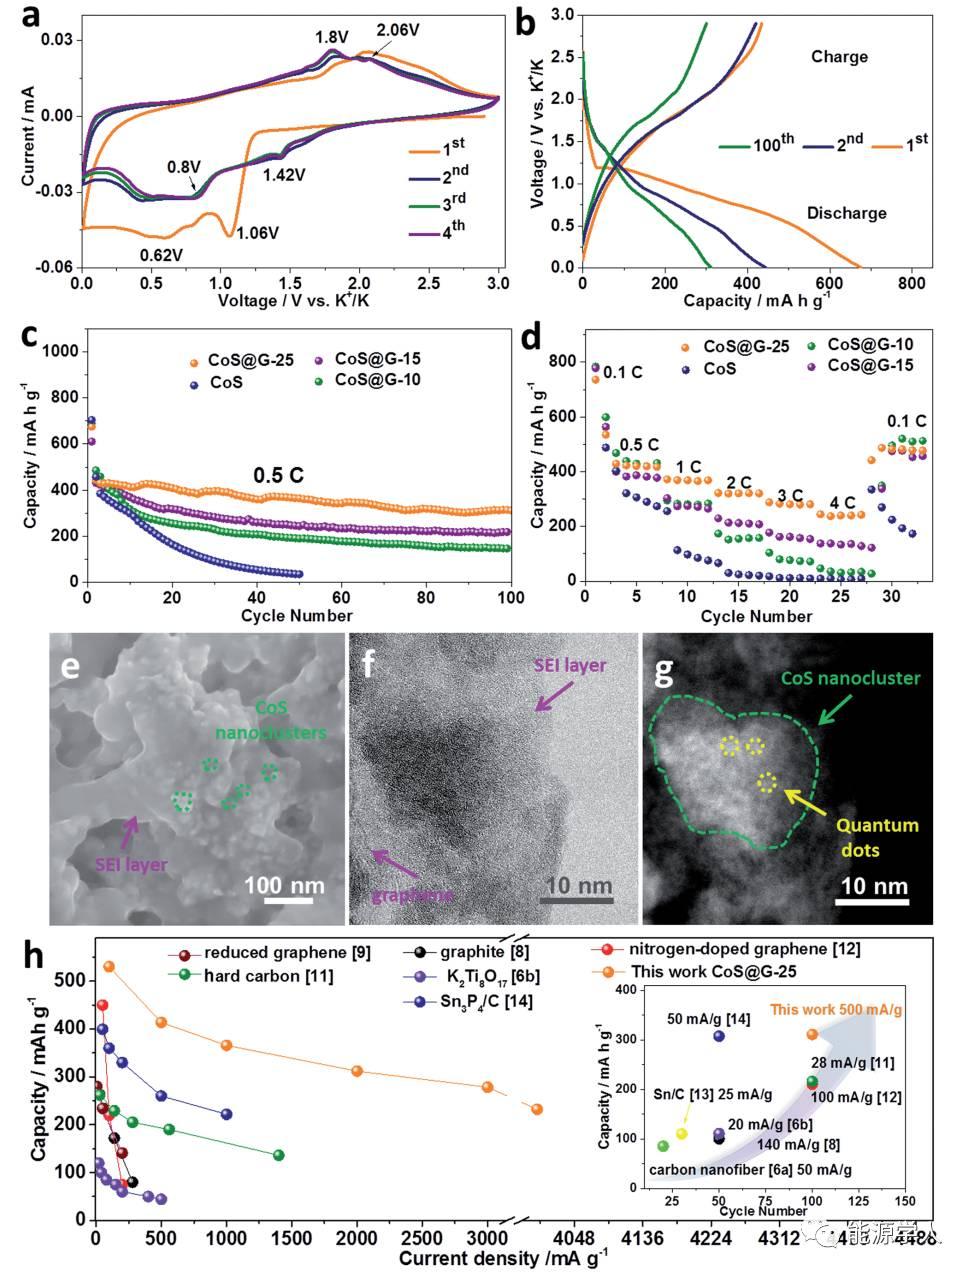 CoS量子点纳米簇用于高能钾离子电池